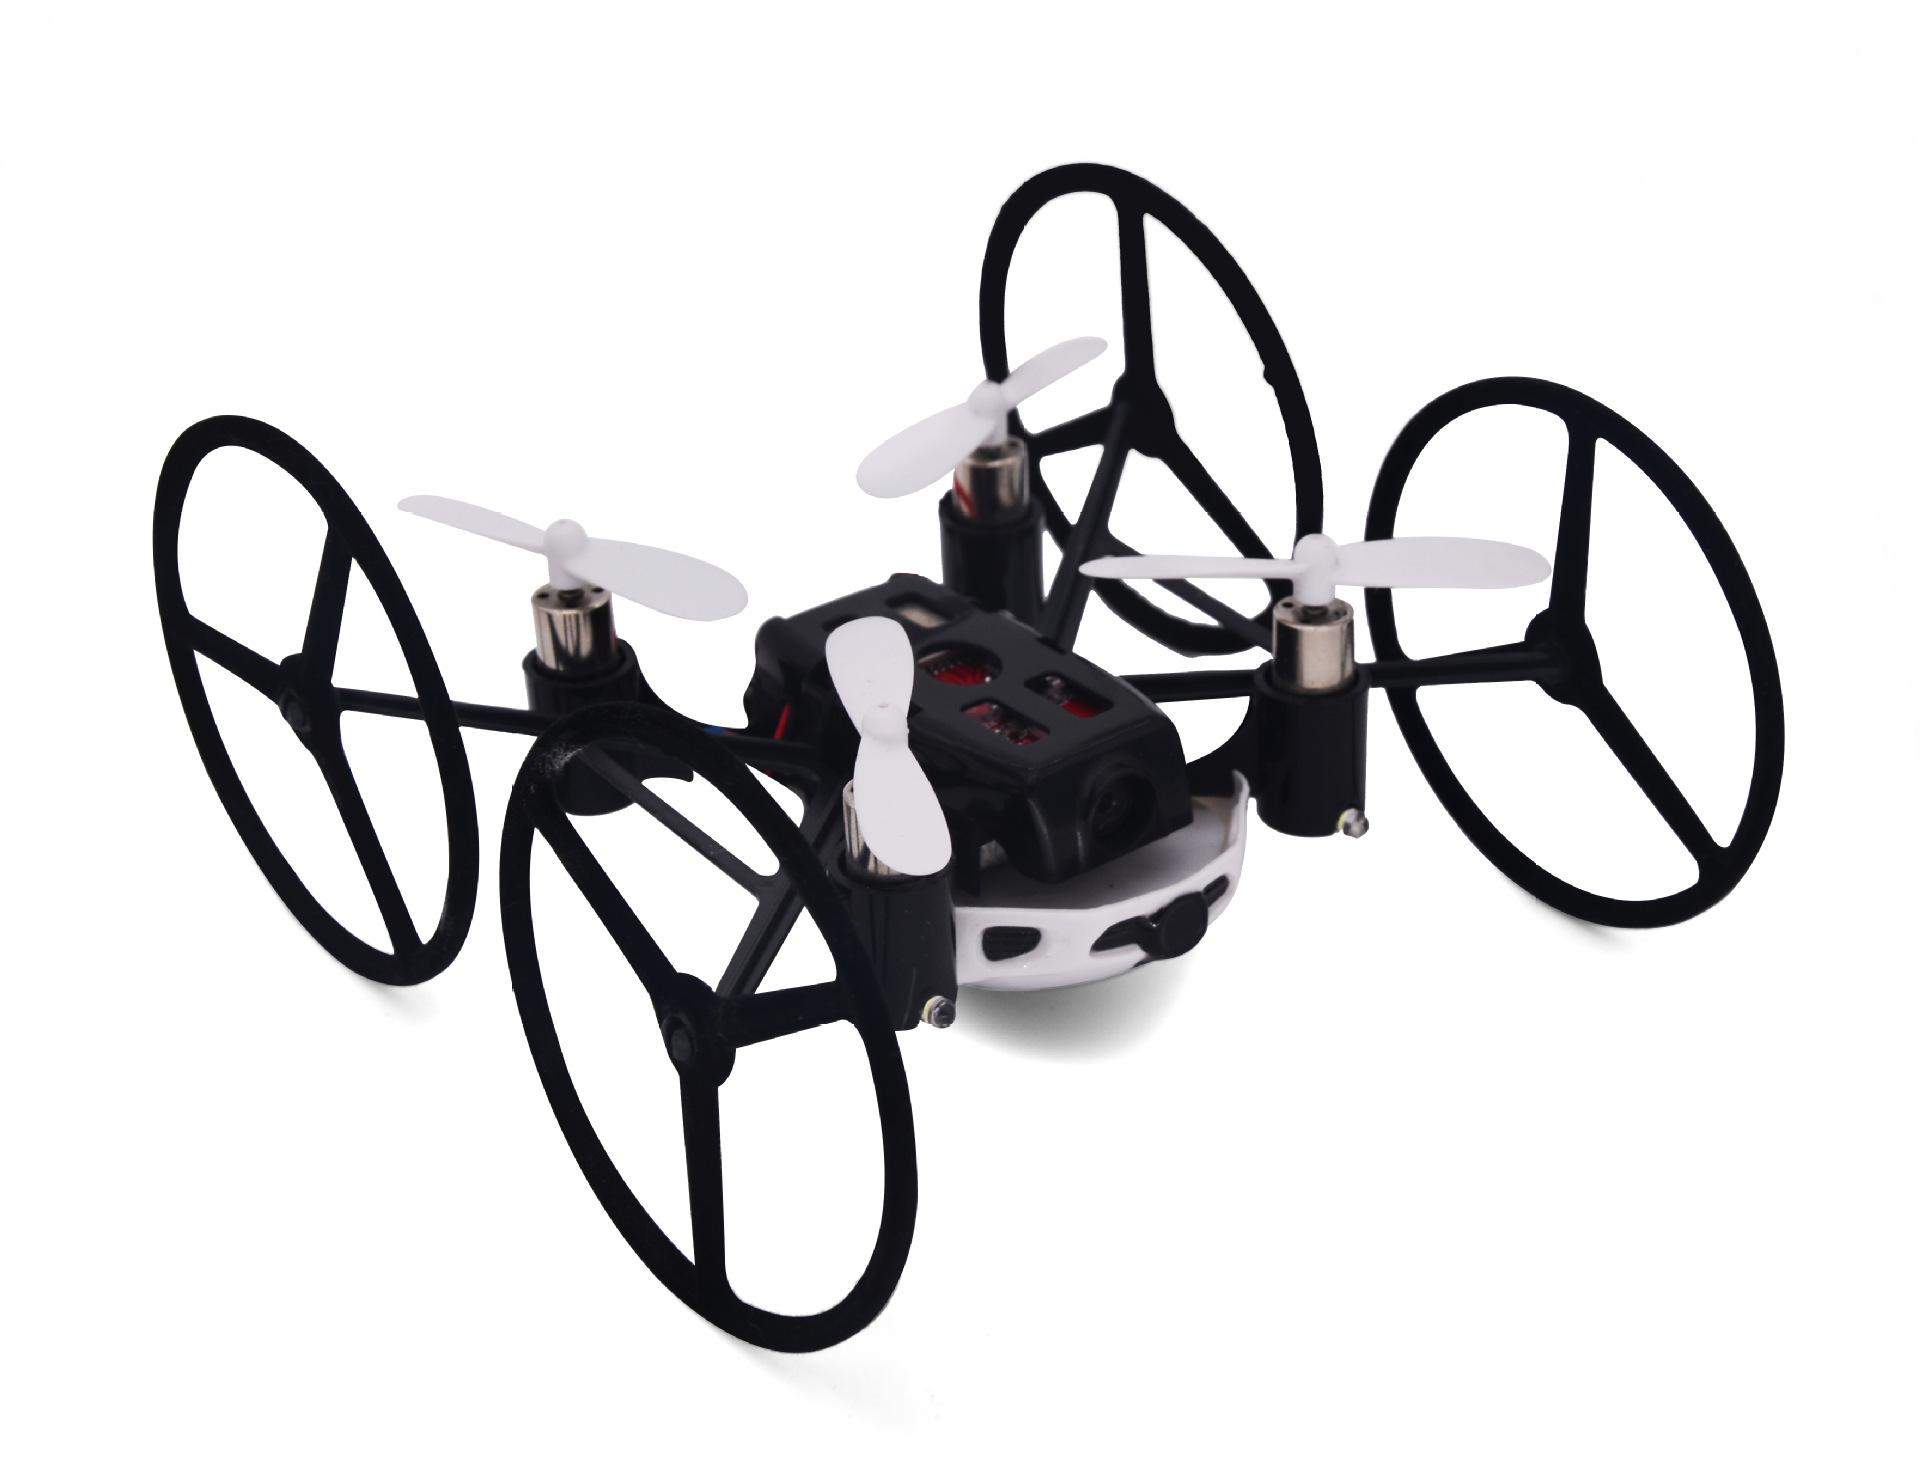 Keli wo FY318B máy bay 4 trục camera từ xa trên không 300 nghìn mô hình UAV đồ chơi cho trẻ em